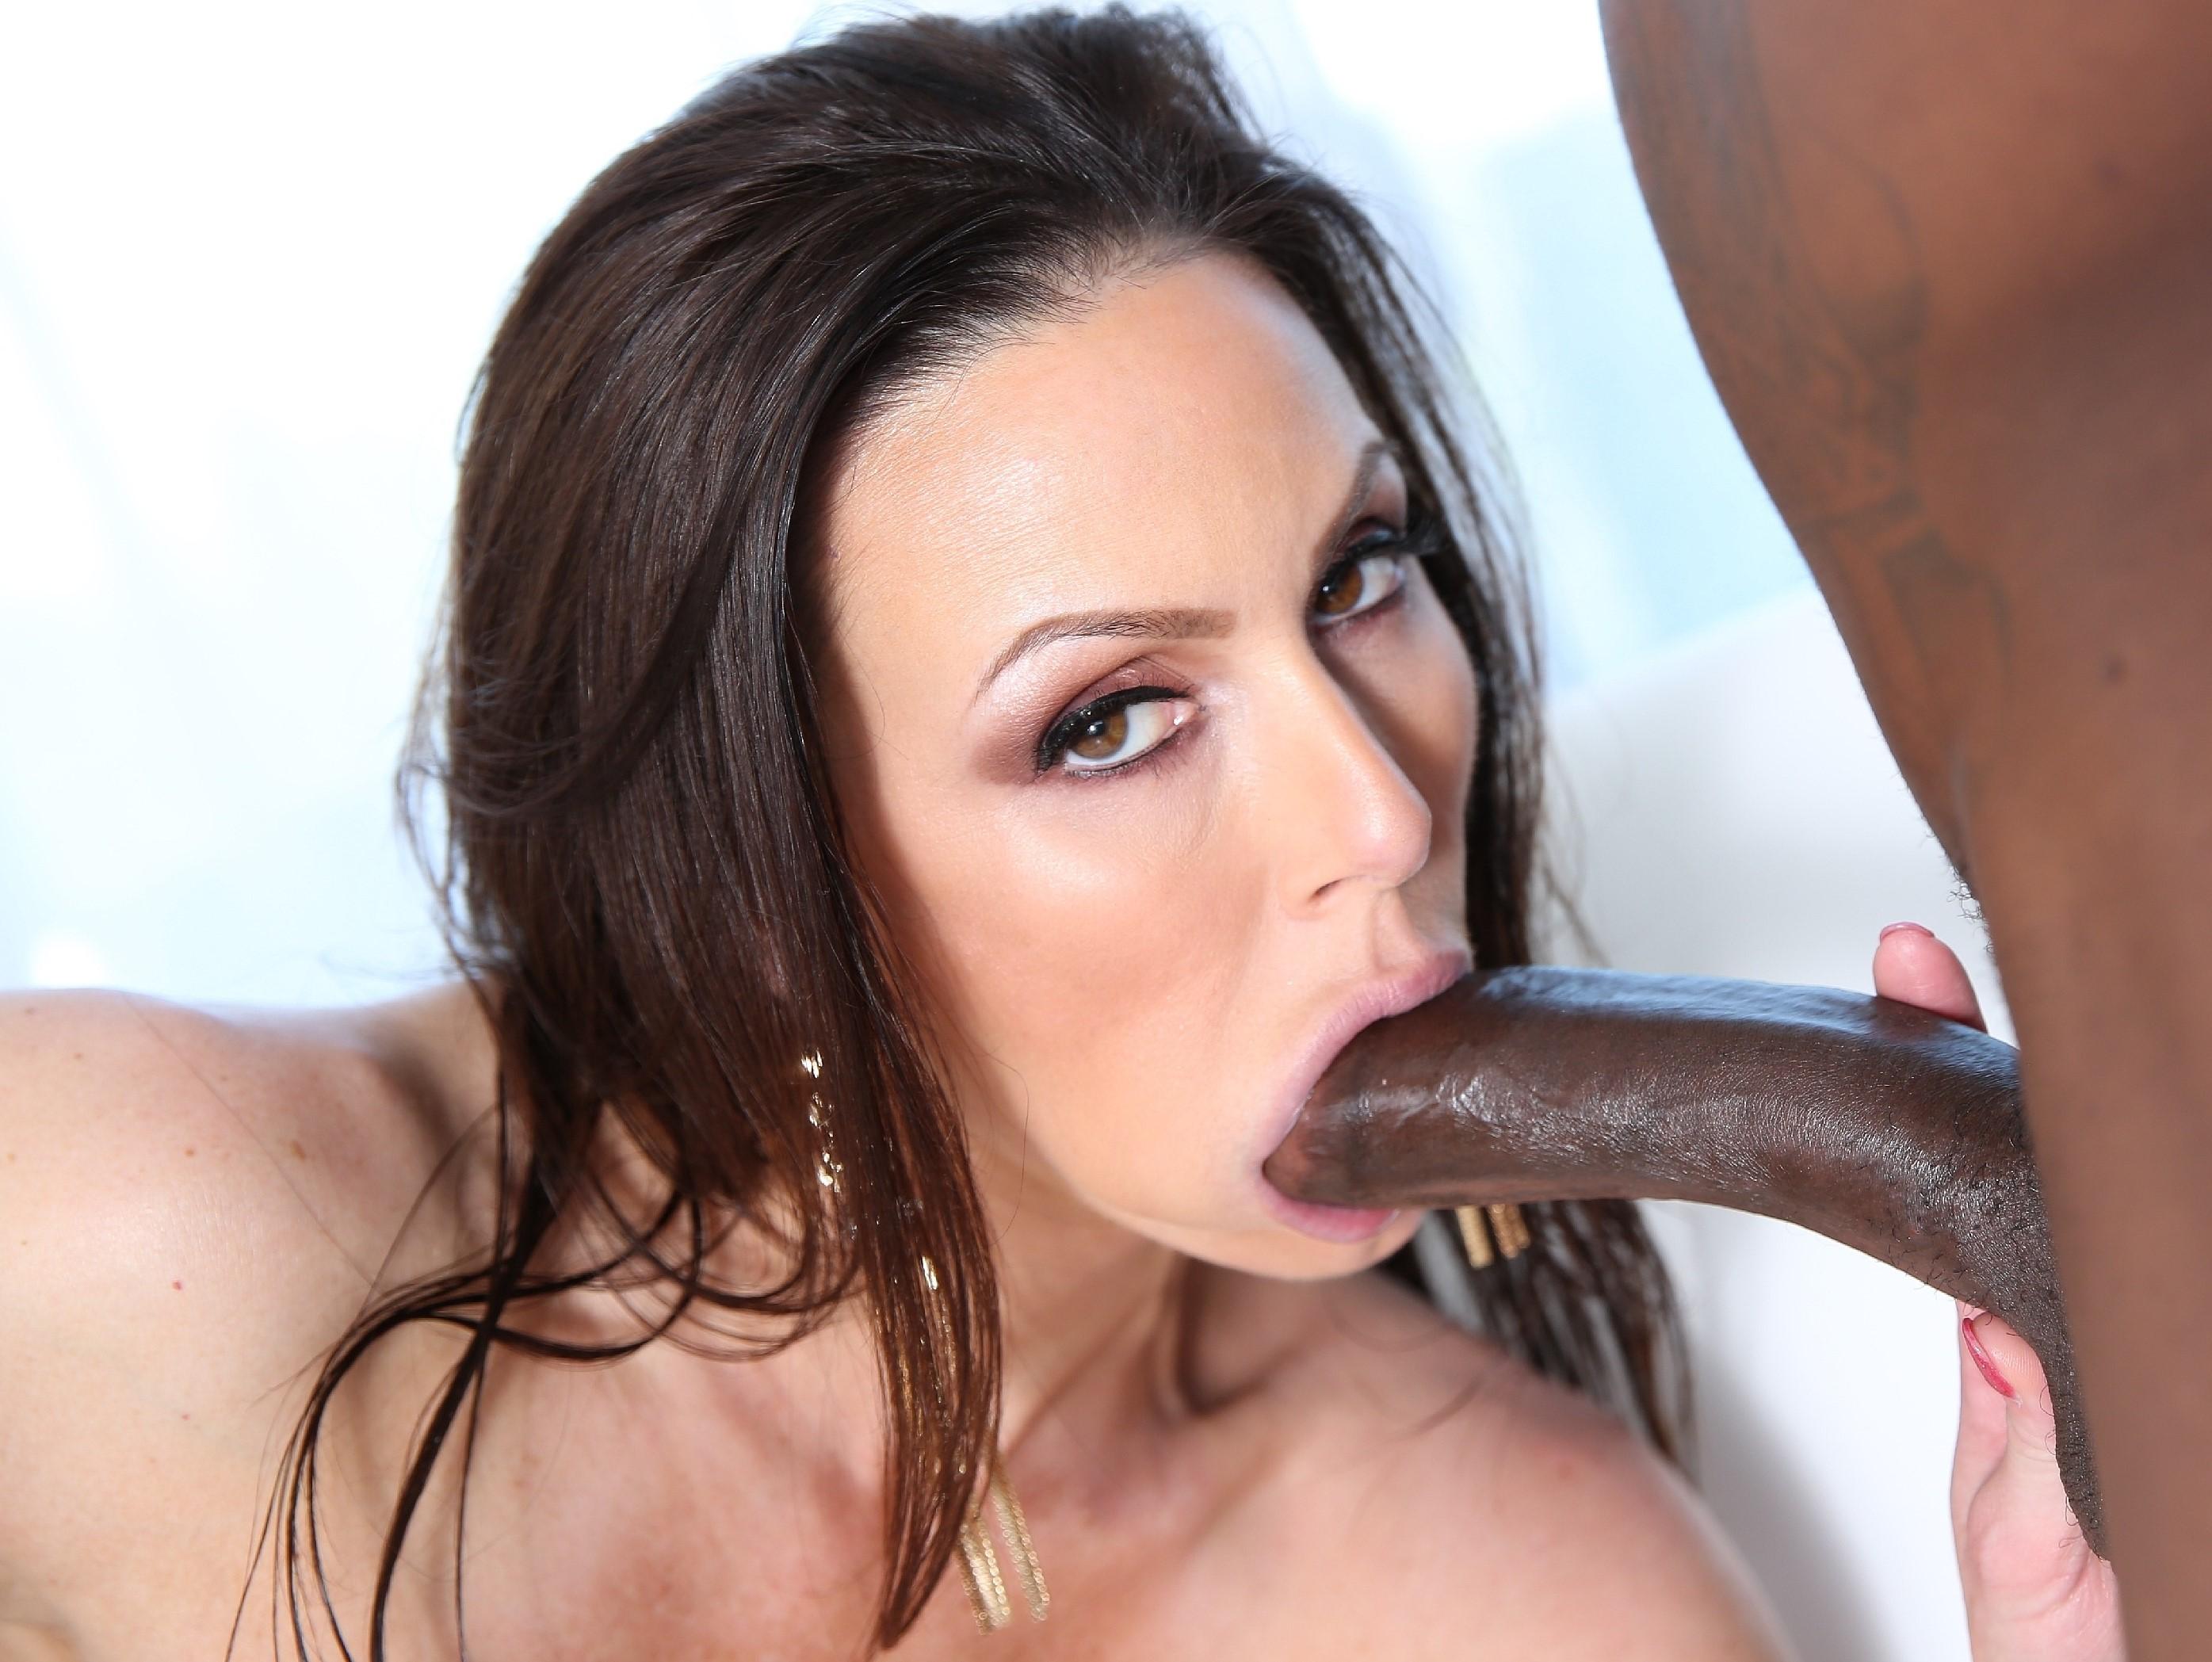 Kendra Lust - siempre hay una verga para ella (interracial)